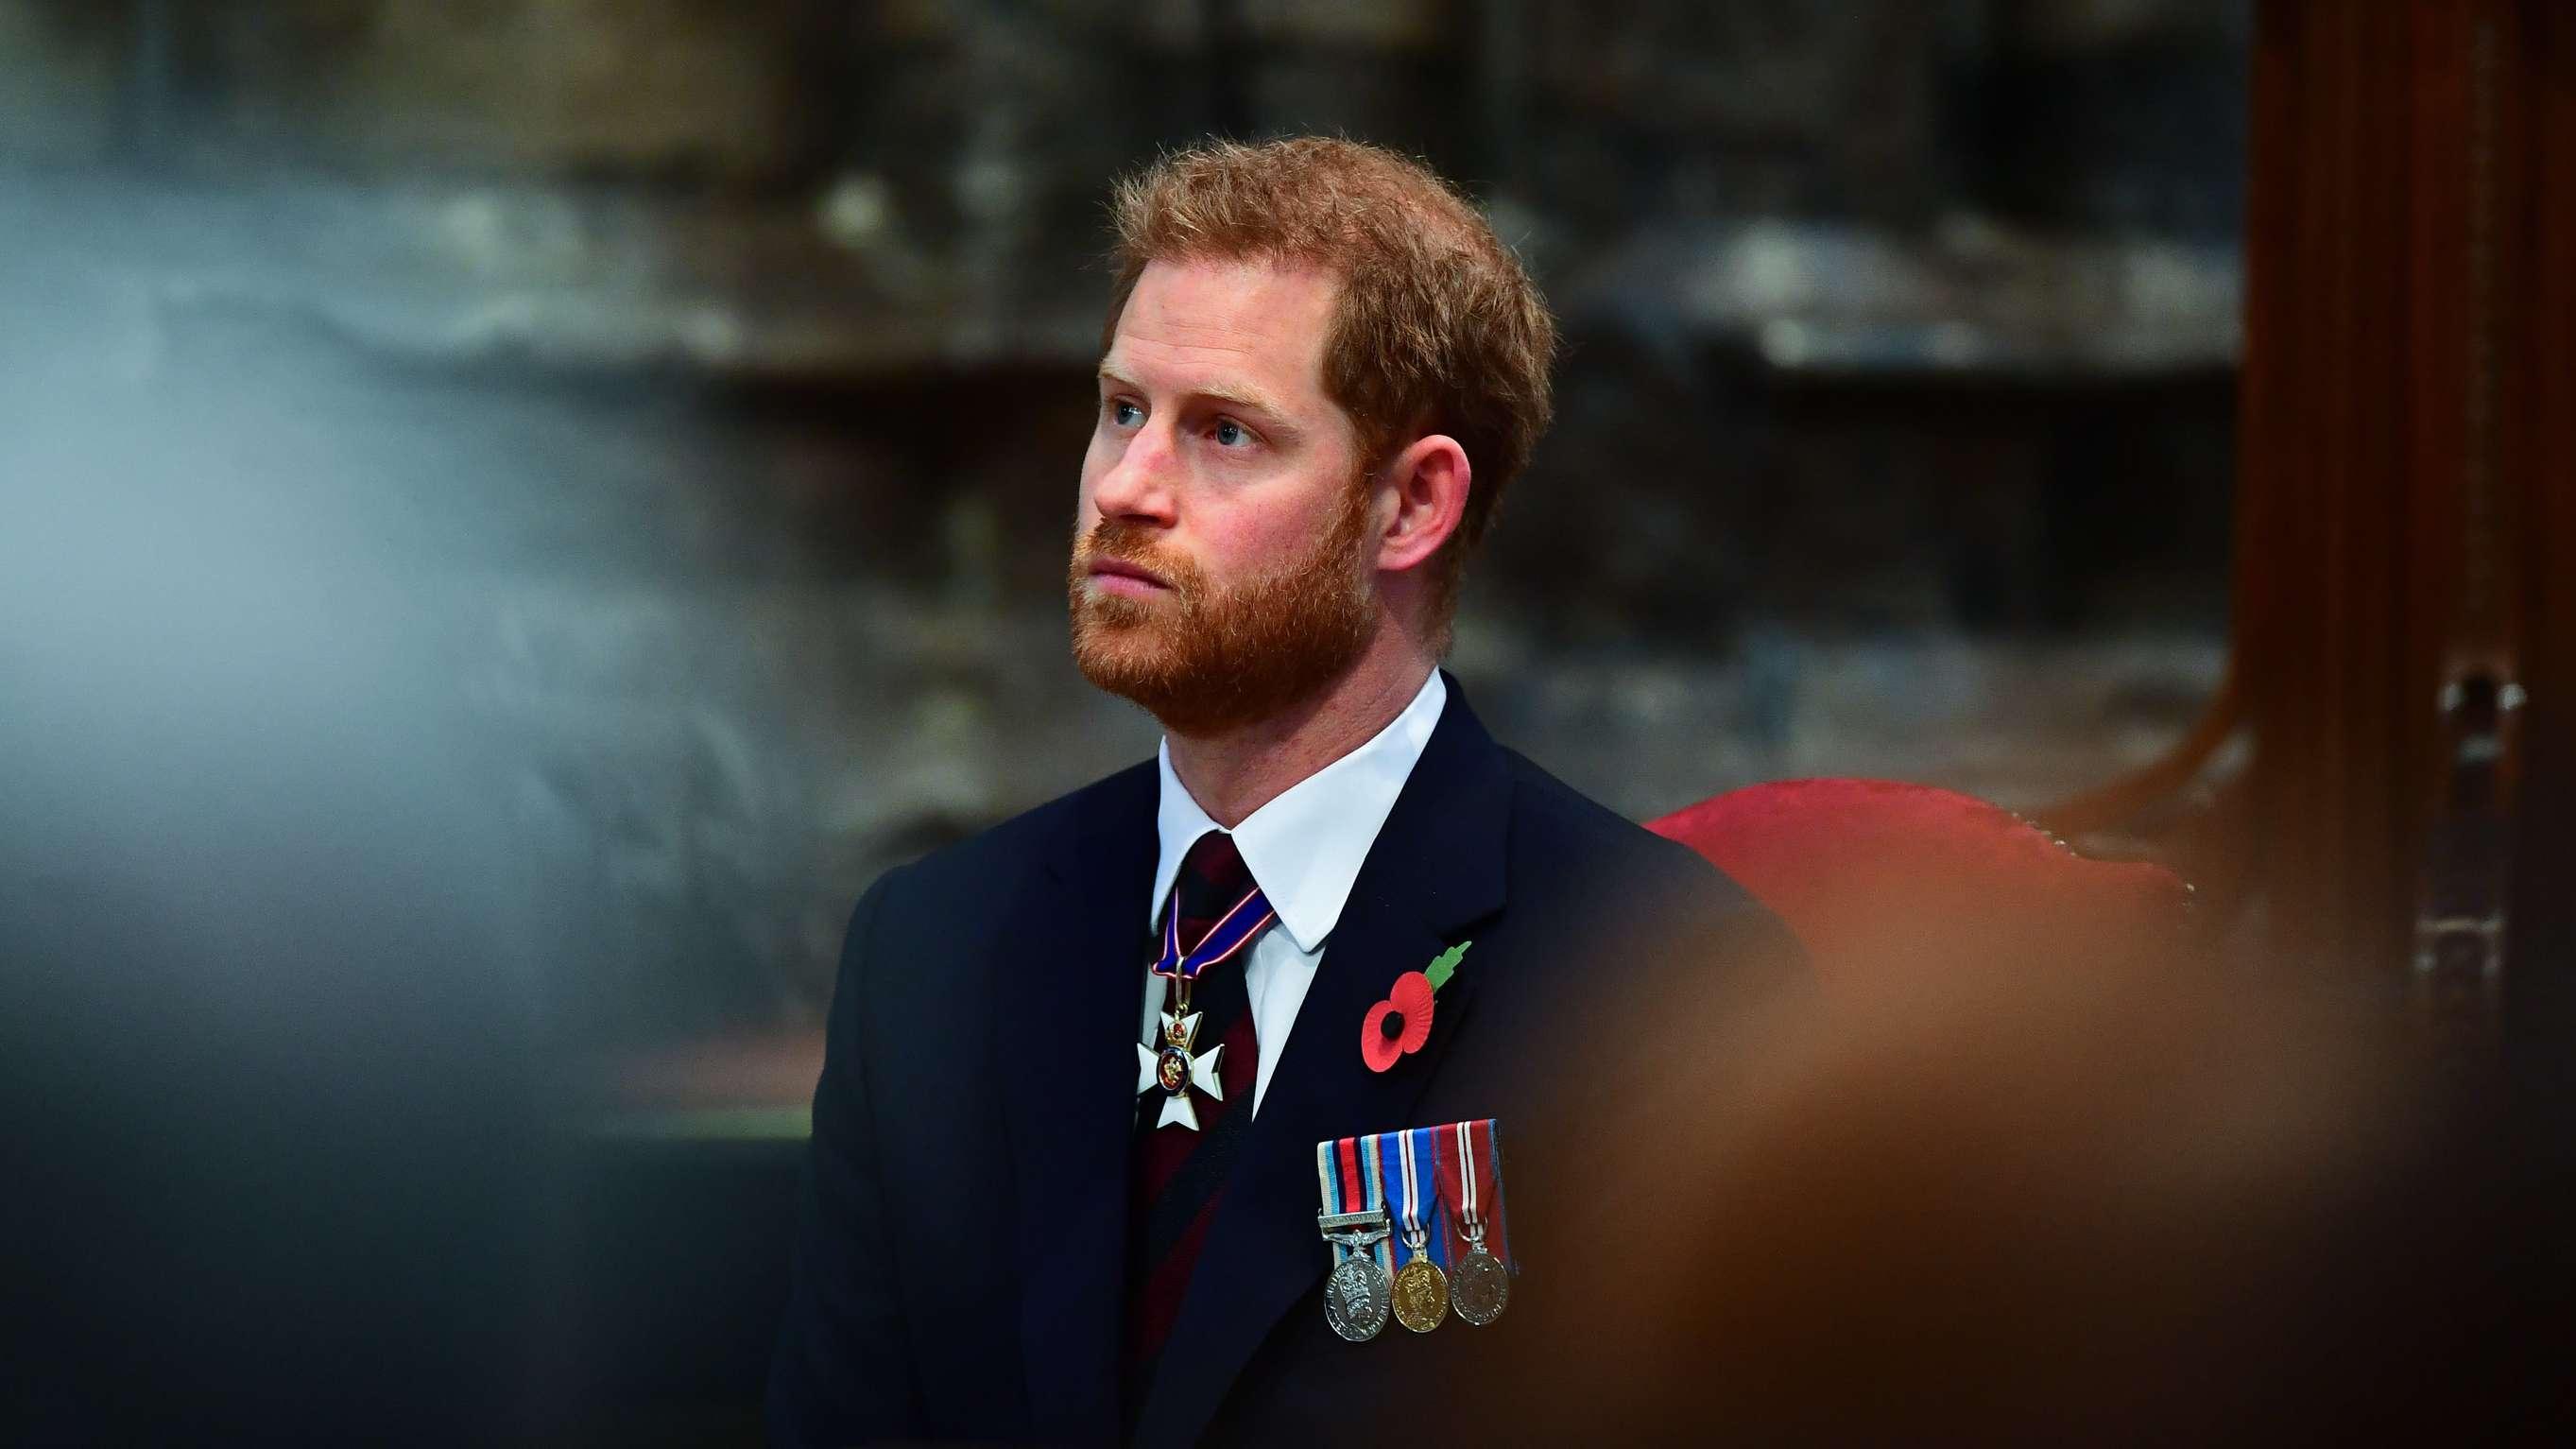 25.04.2019, Großbritannien, London: Der britische Prinz Harry nimmt am ANZAC-Gedenktag am Gedenkgottesdienst in der Westminster Abbey teil.